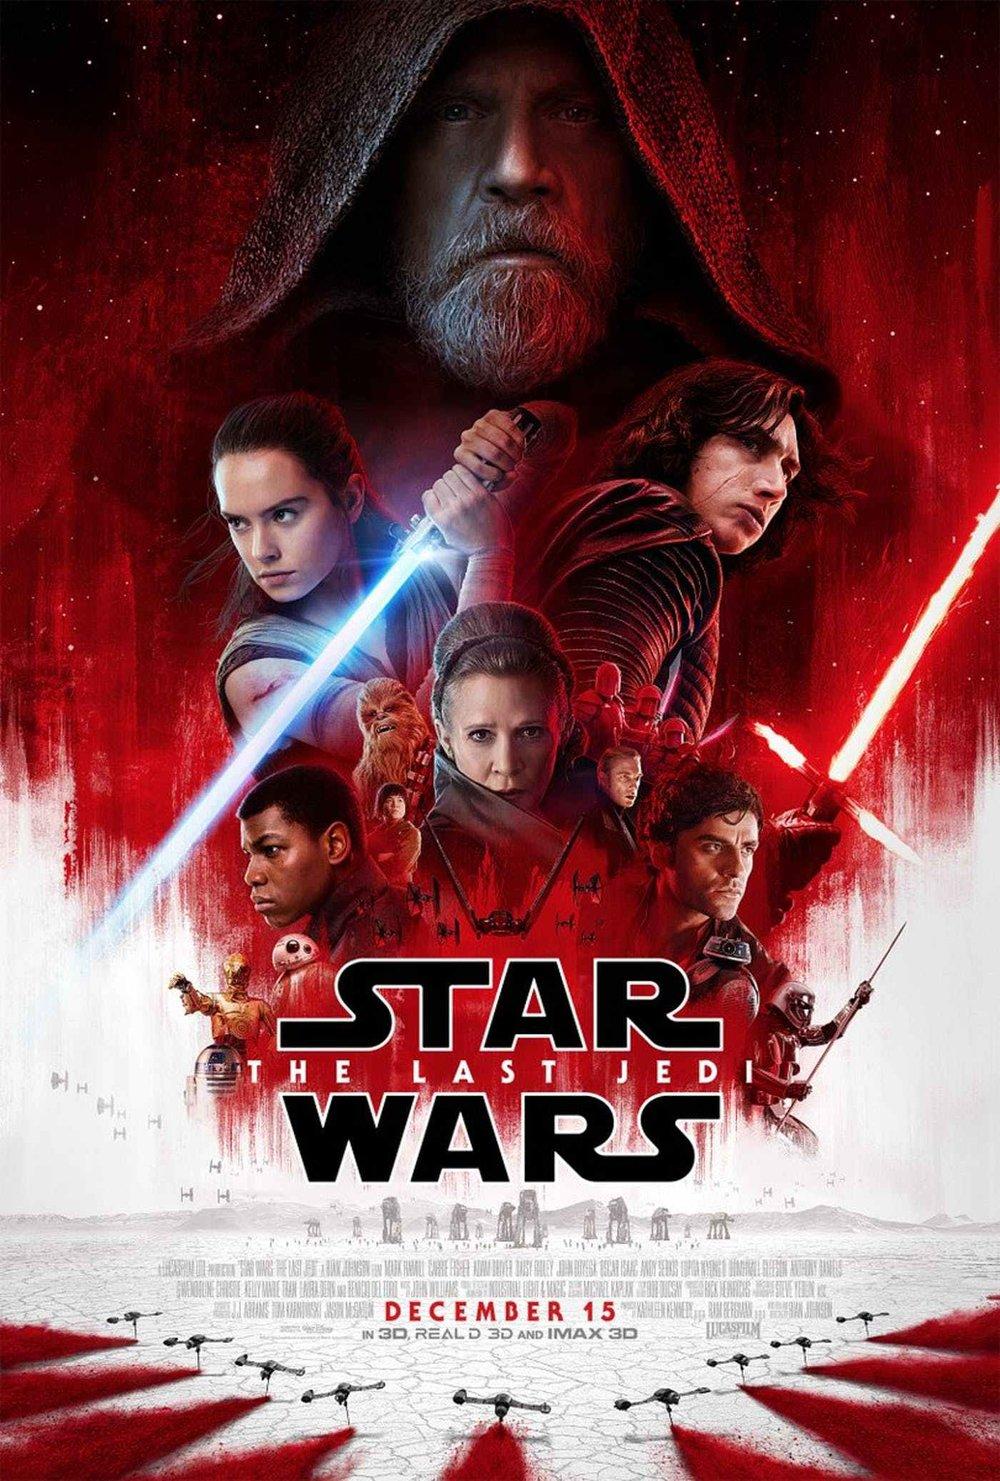 http://www.3dor2d.com/reviews/star-wars-last-jedi